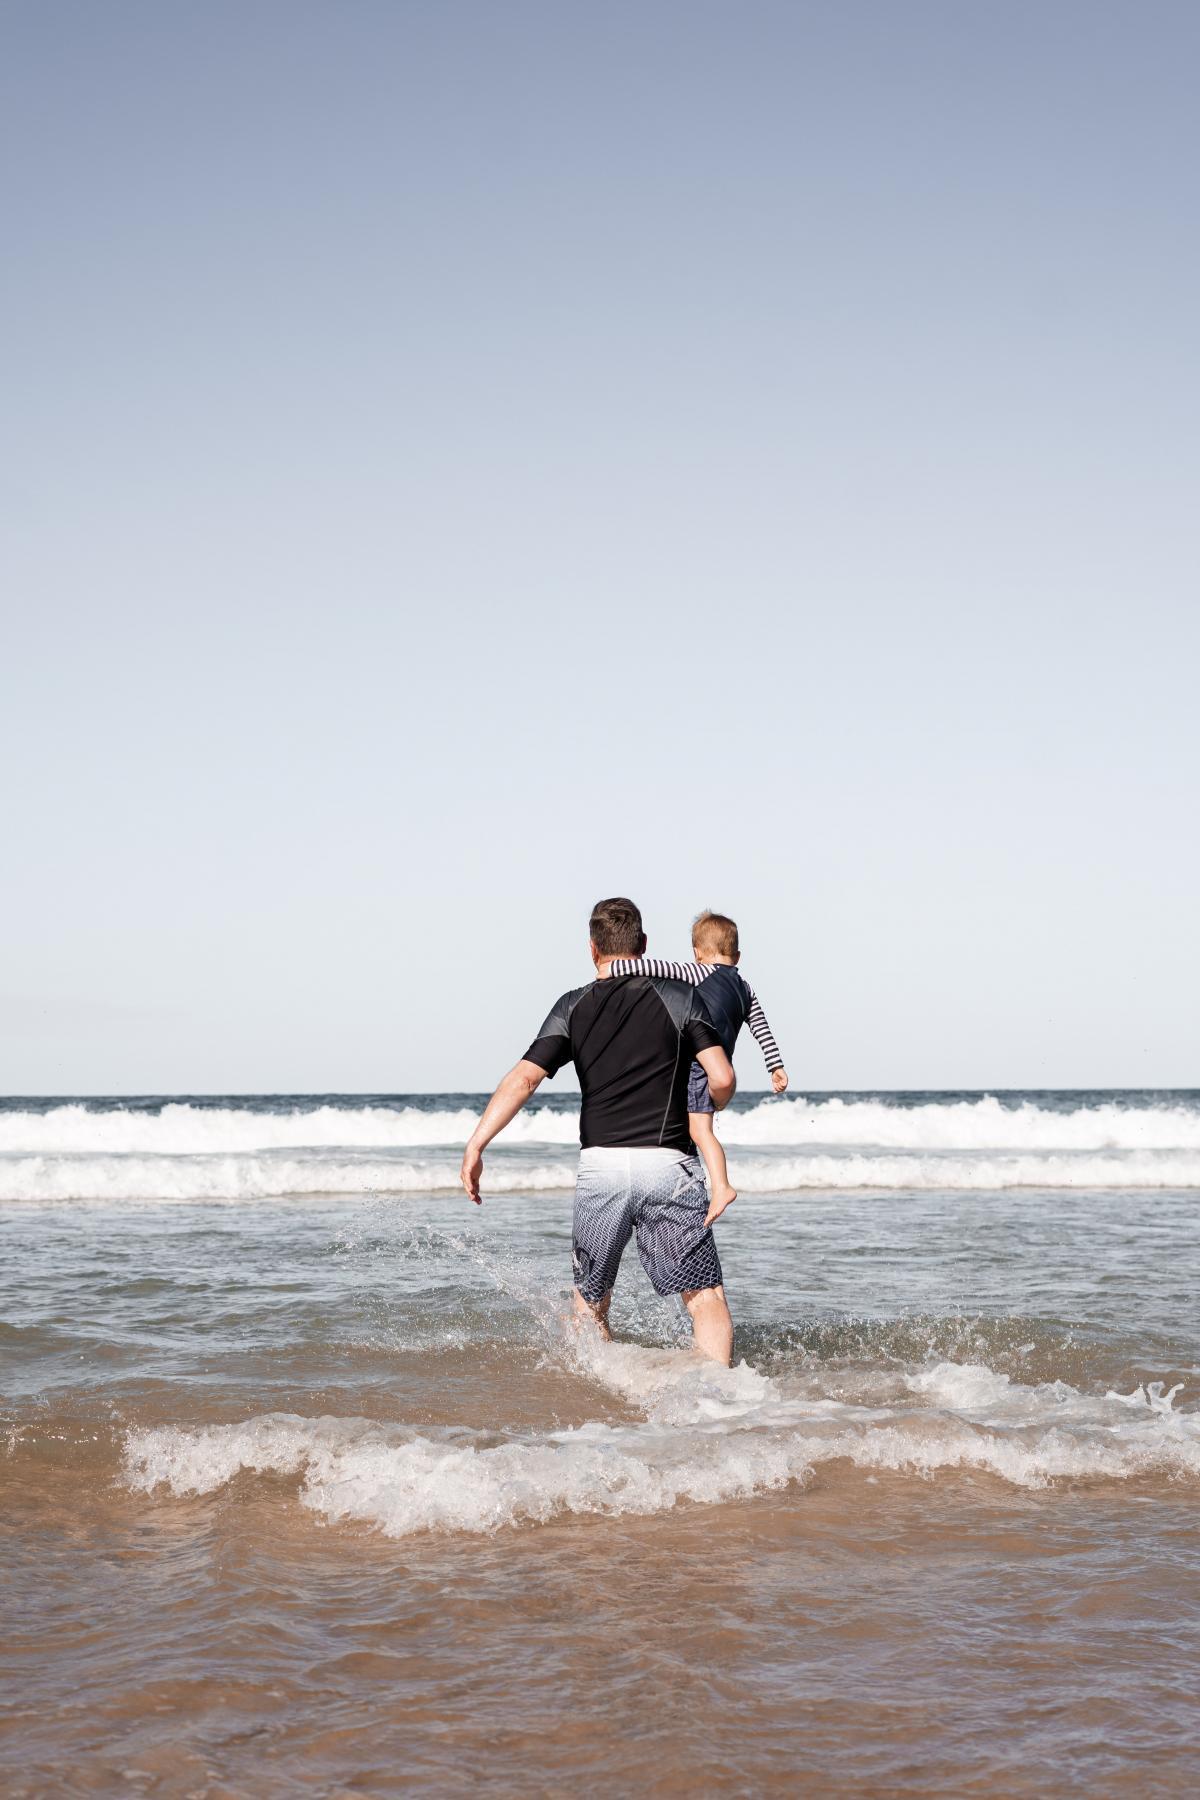 Beach Ocean Sea #425430